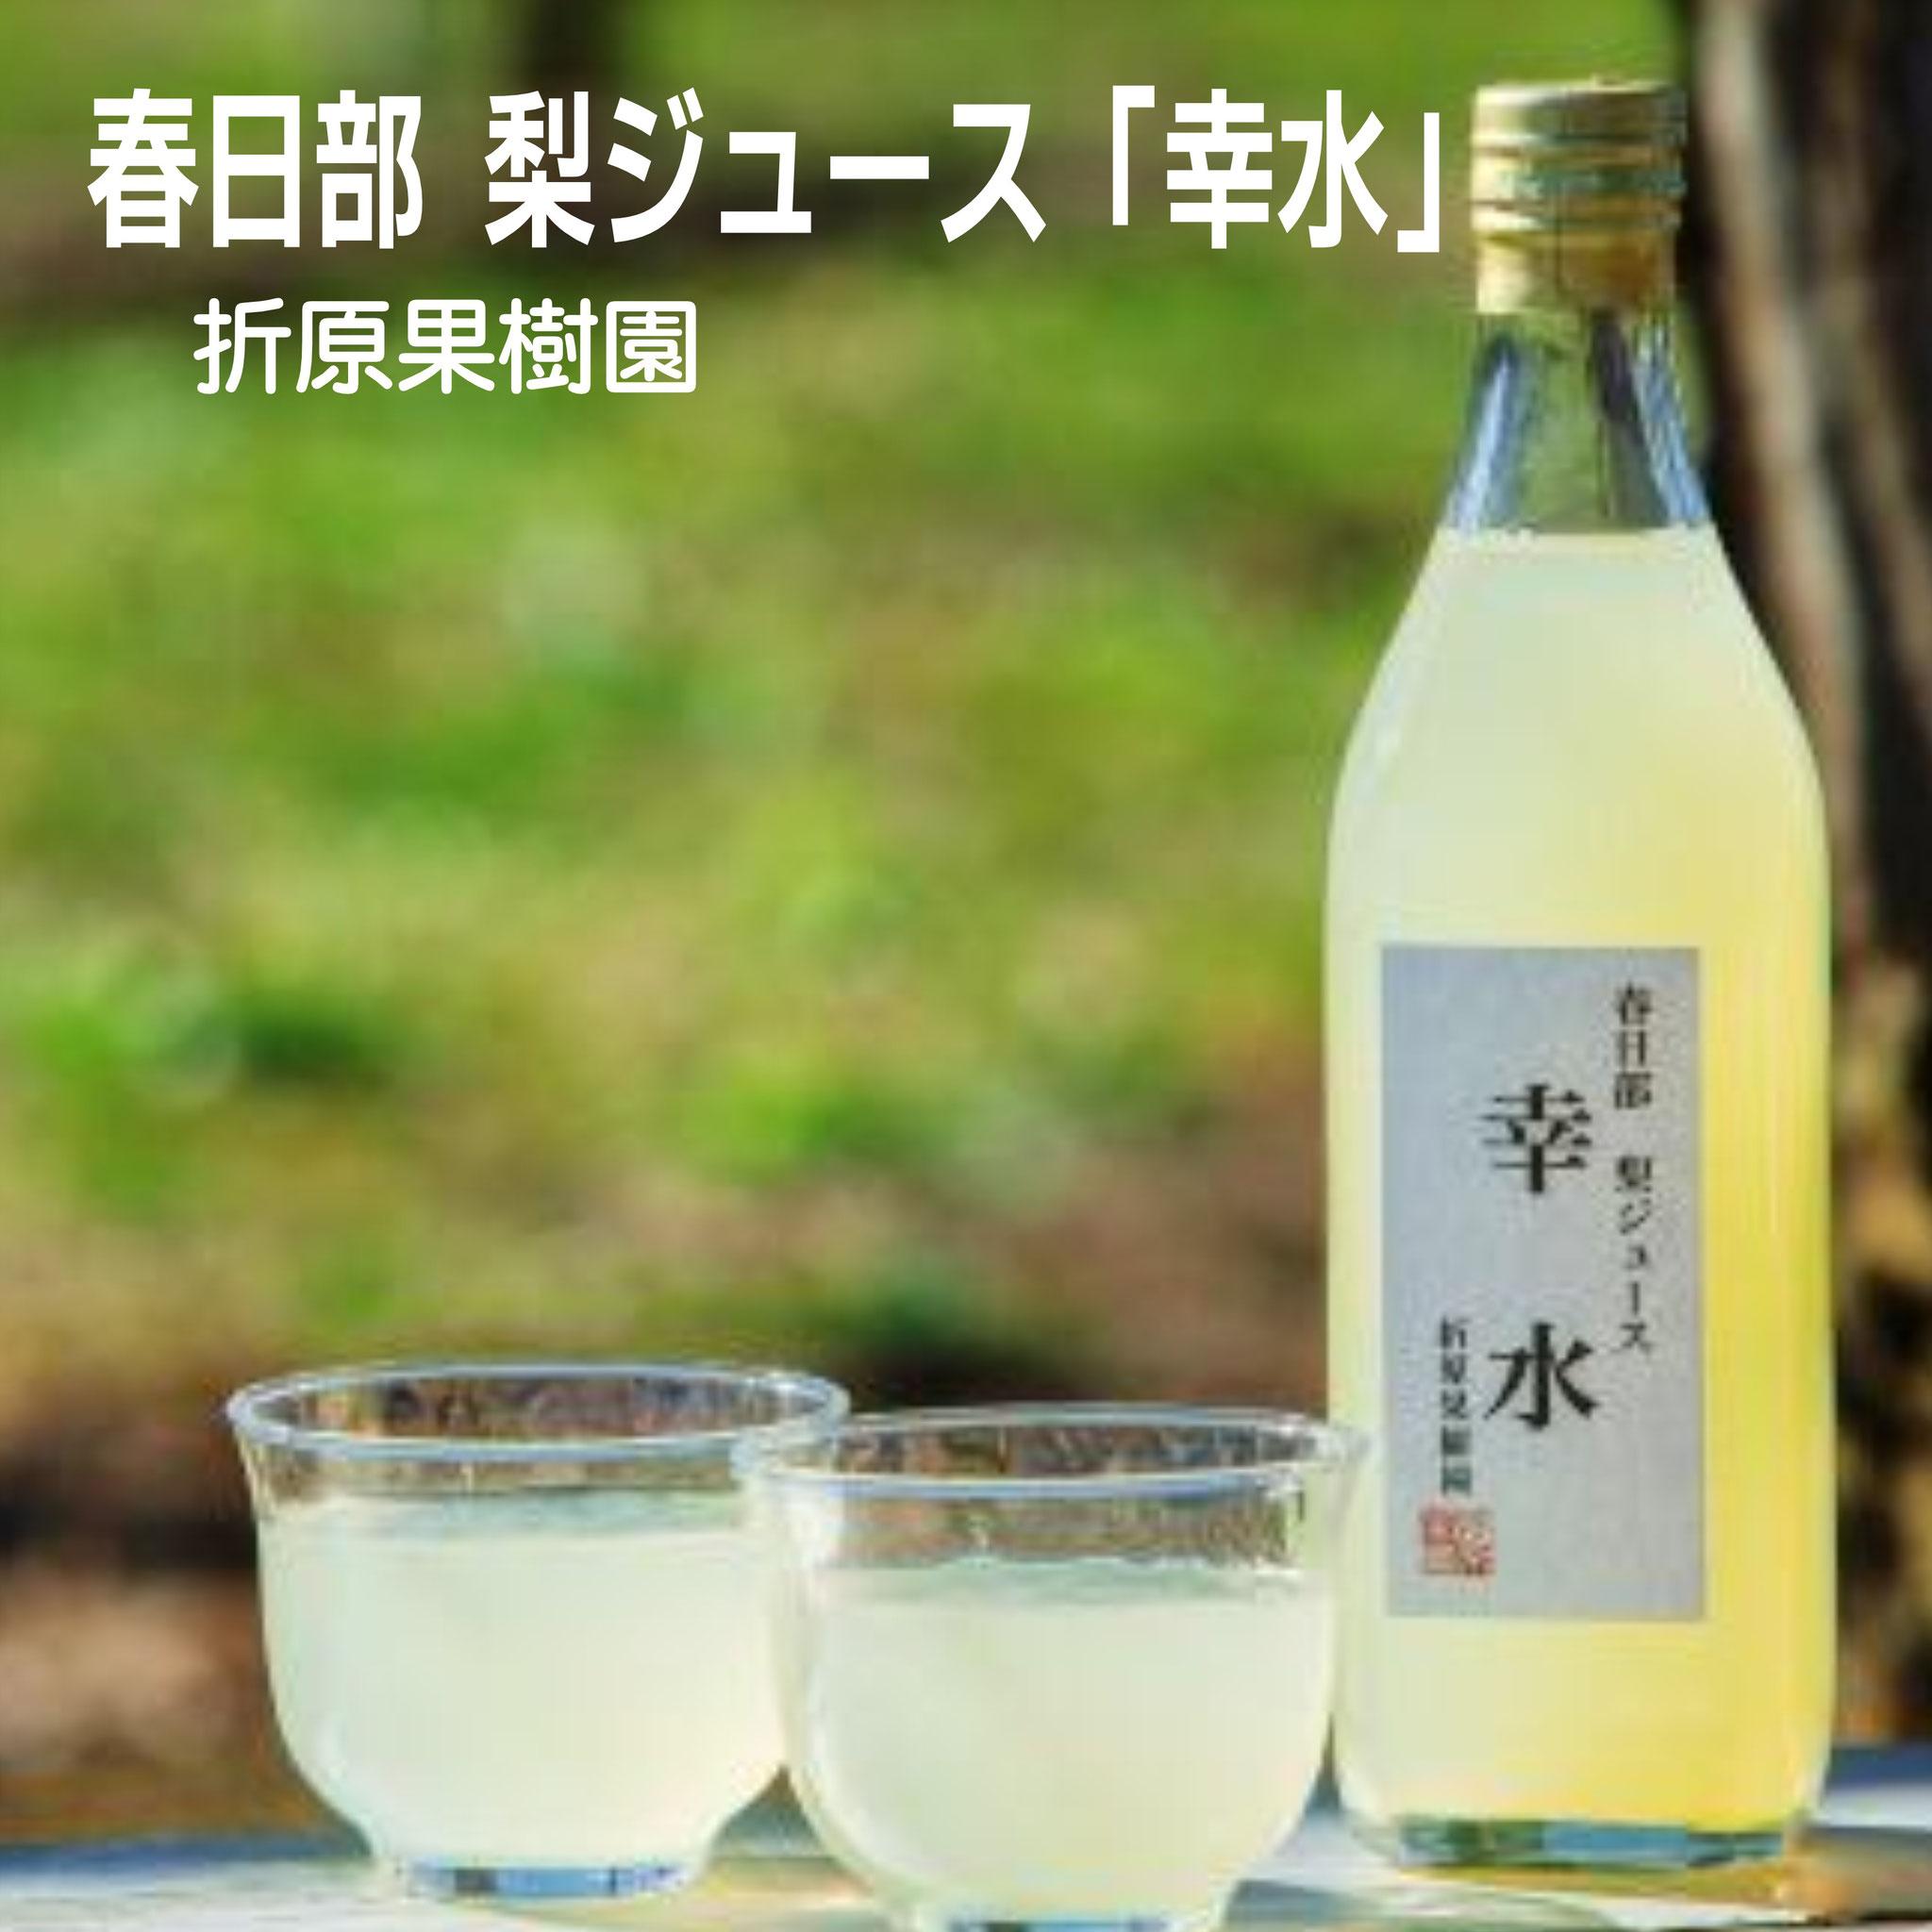 厳選した幸水梨を丸ごとしぼった、爽やかな甘さのジュース